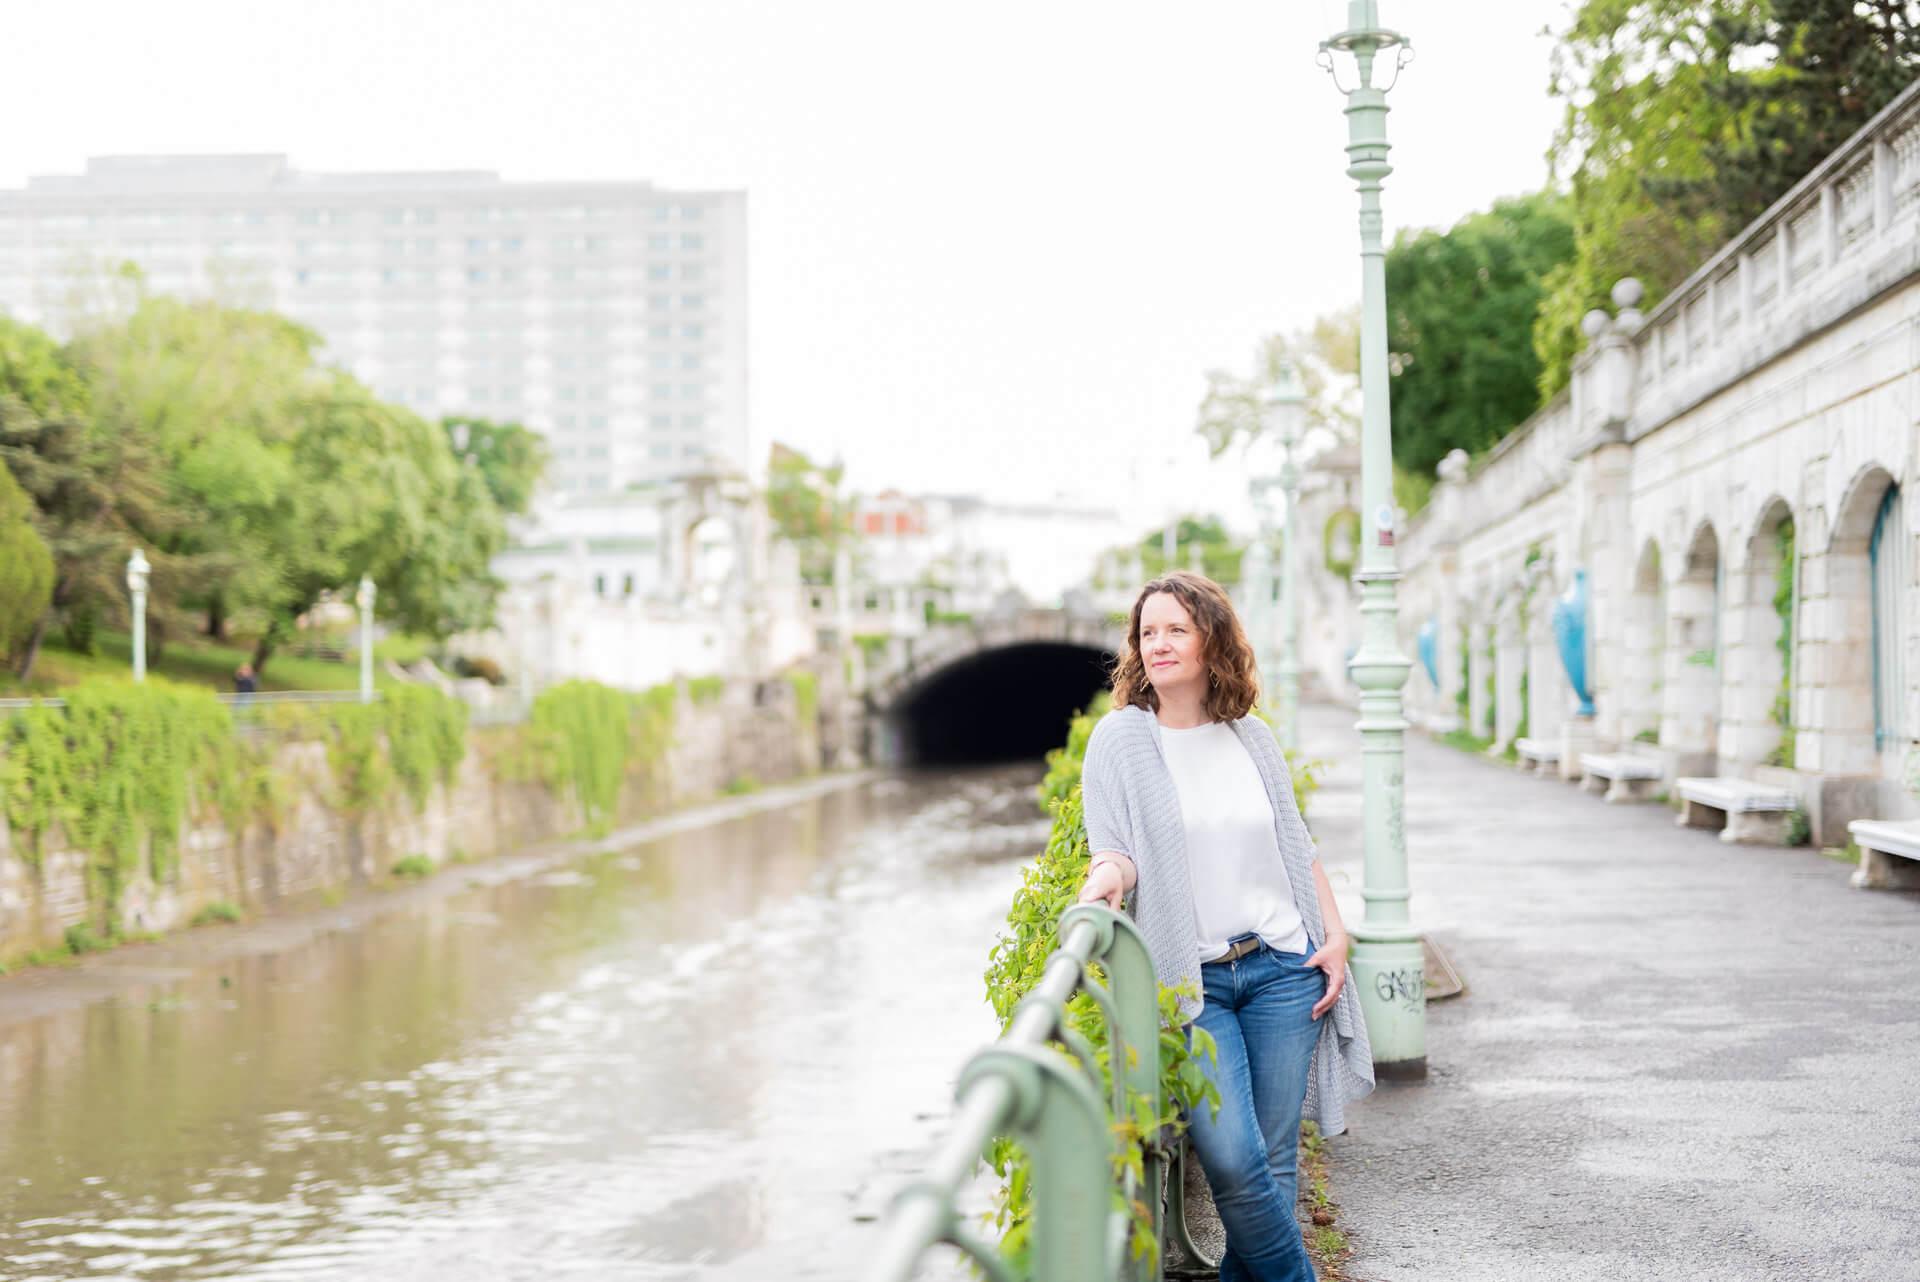 Porträtfotografin für Frauen in Europa